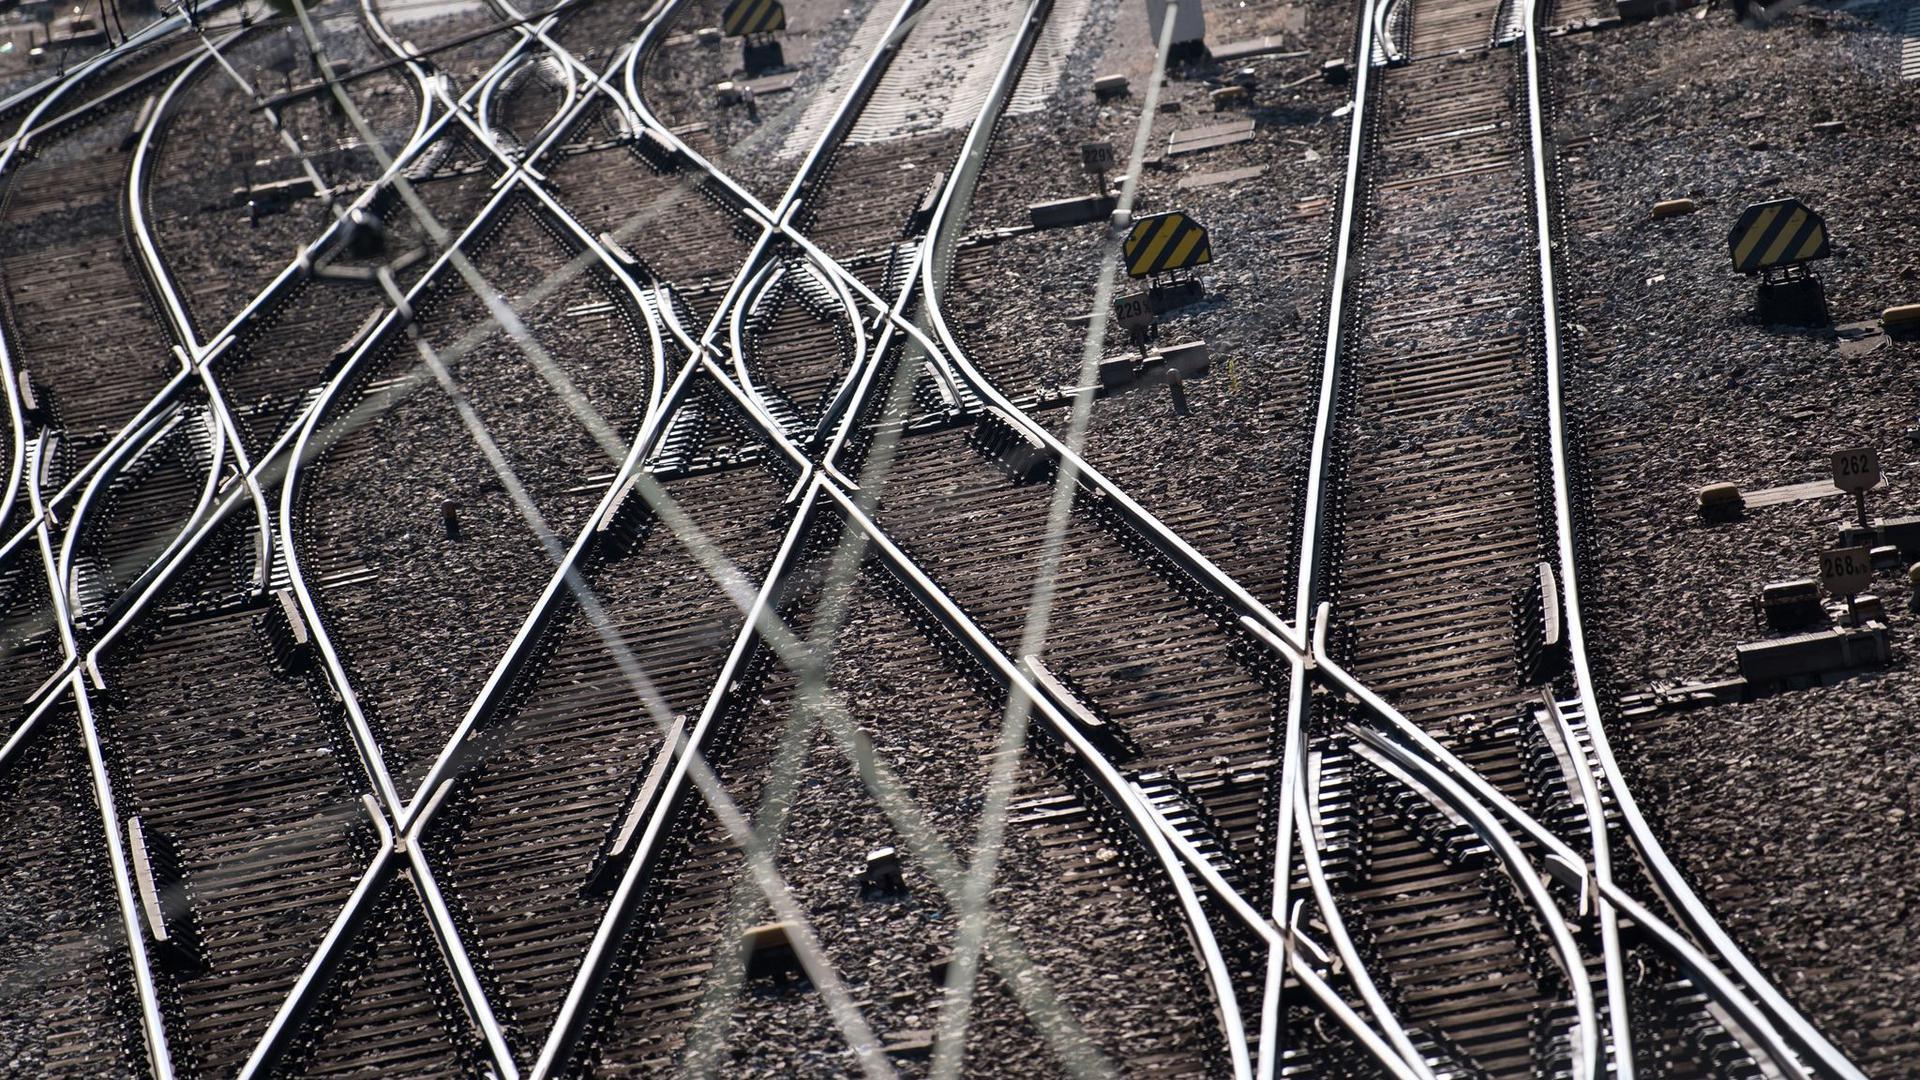 Gleise und Oberleitungen: Auf einem Bahnhof bei Landshut sind zwei Schüler von einem Zug erfasst und tödlich verletzt worden. (Symbolbild)